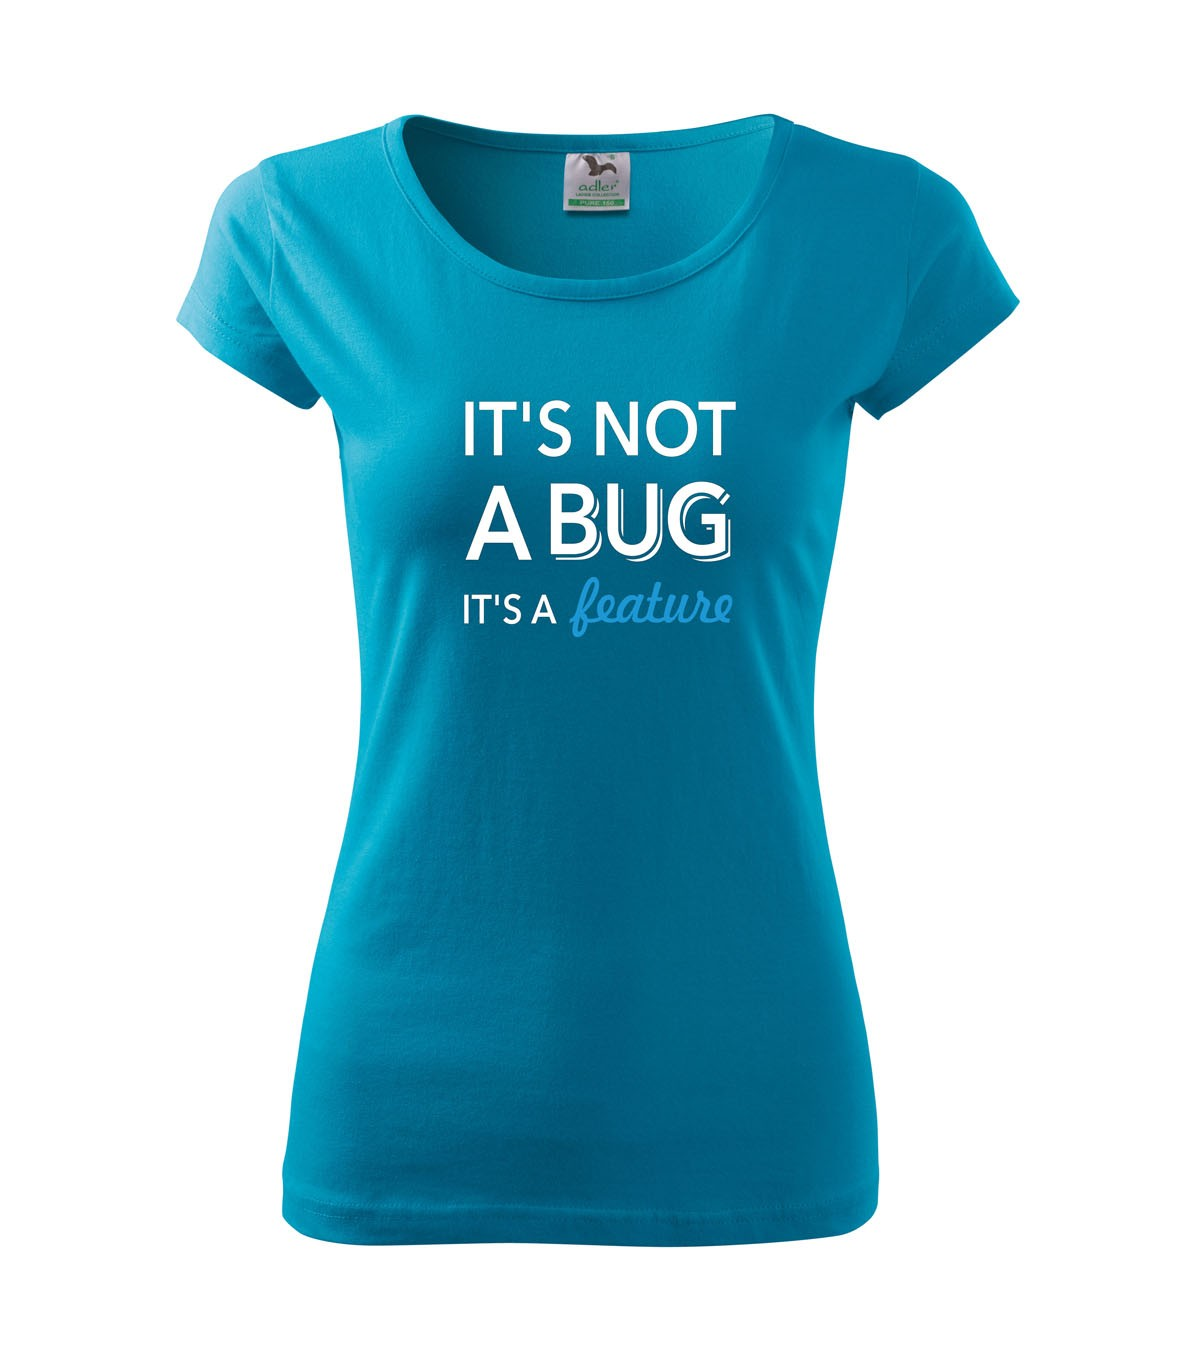 e83cc30c13f Dámské tričko pro programátorky It´s not bug